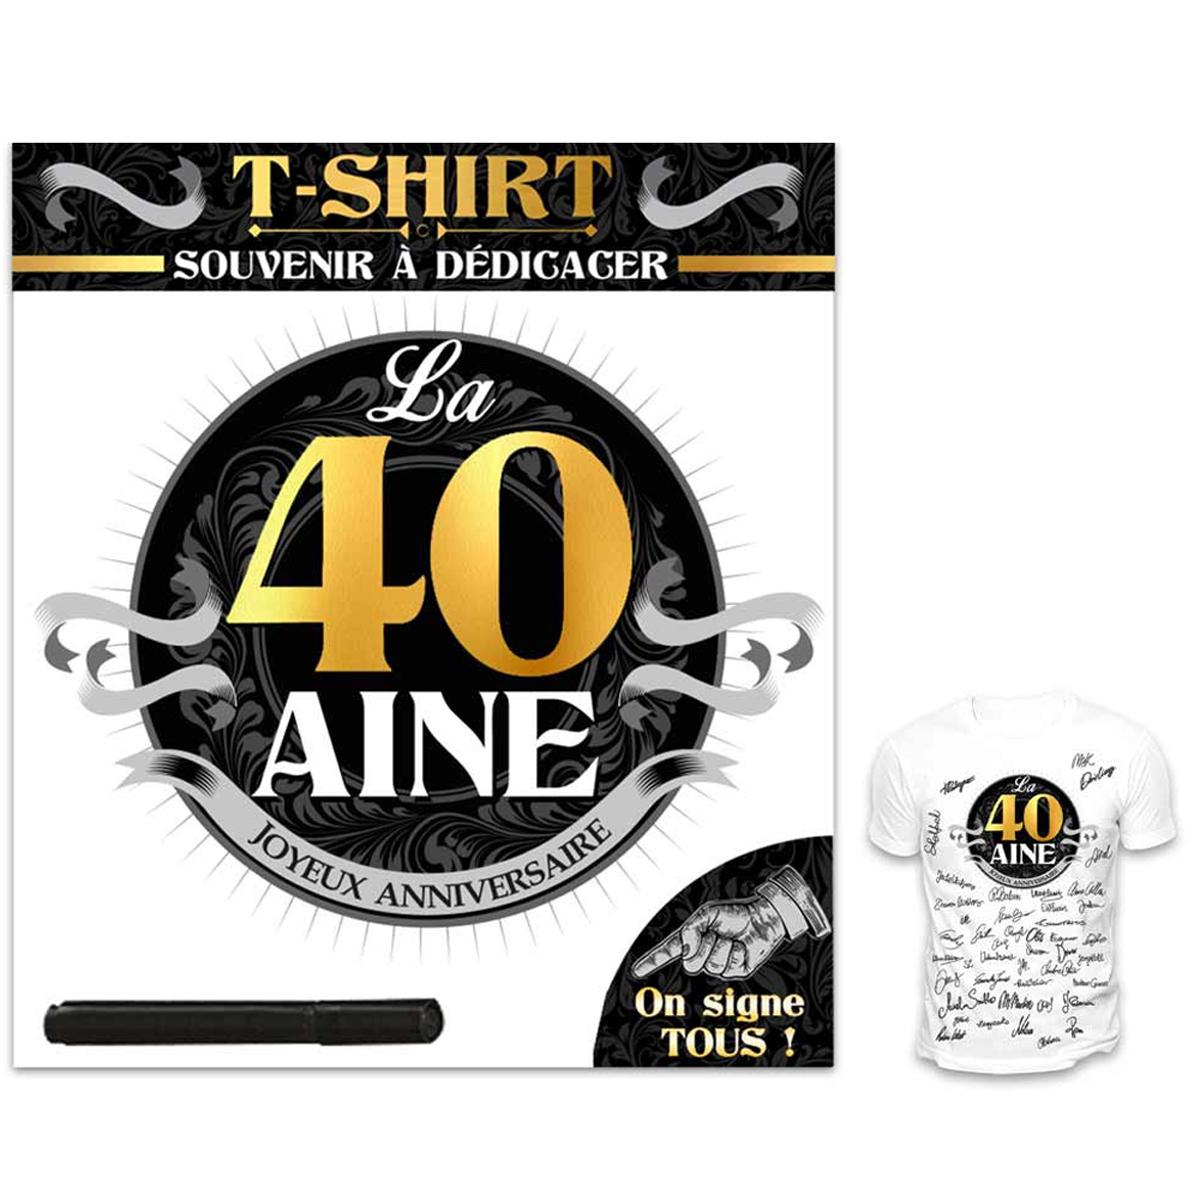 T-shirt \'40 aine\' noir blanc - (dédicace) - [R1424]